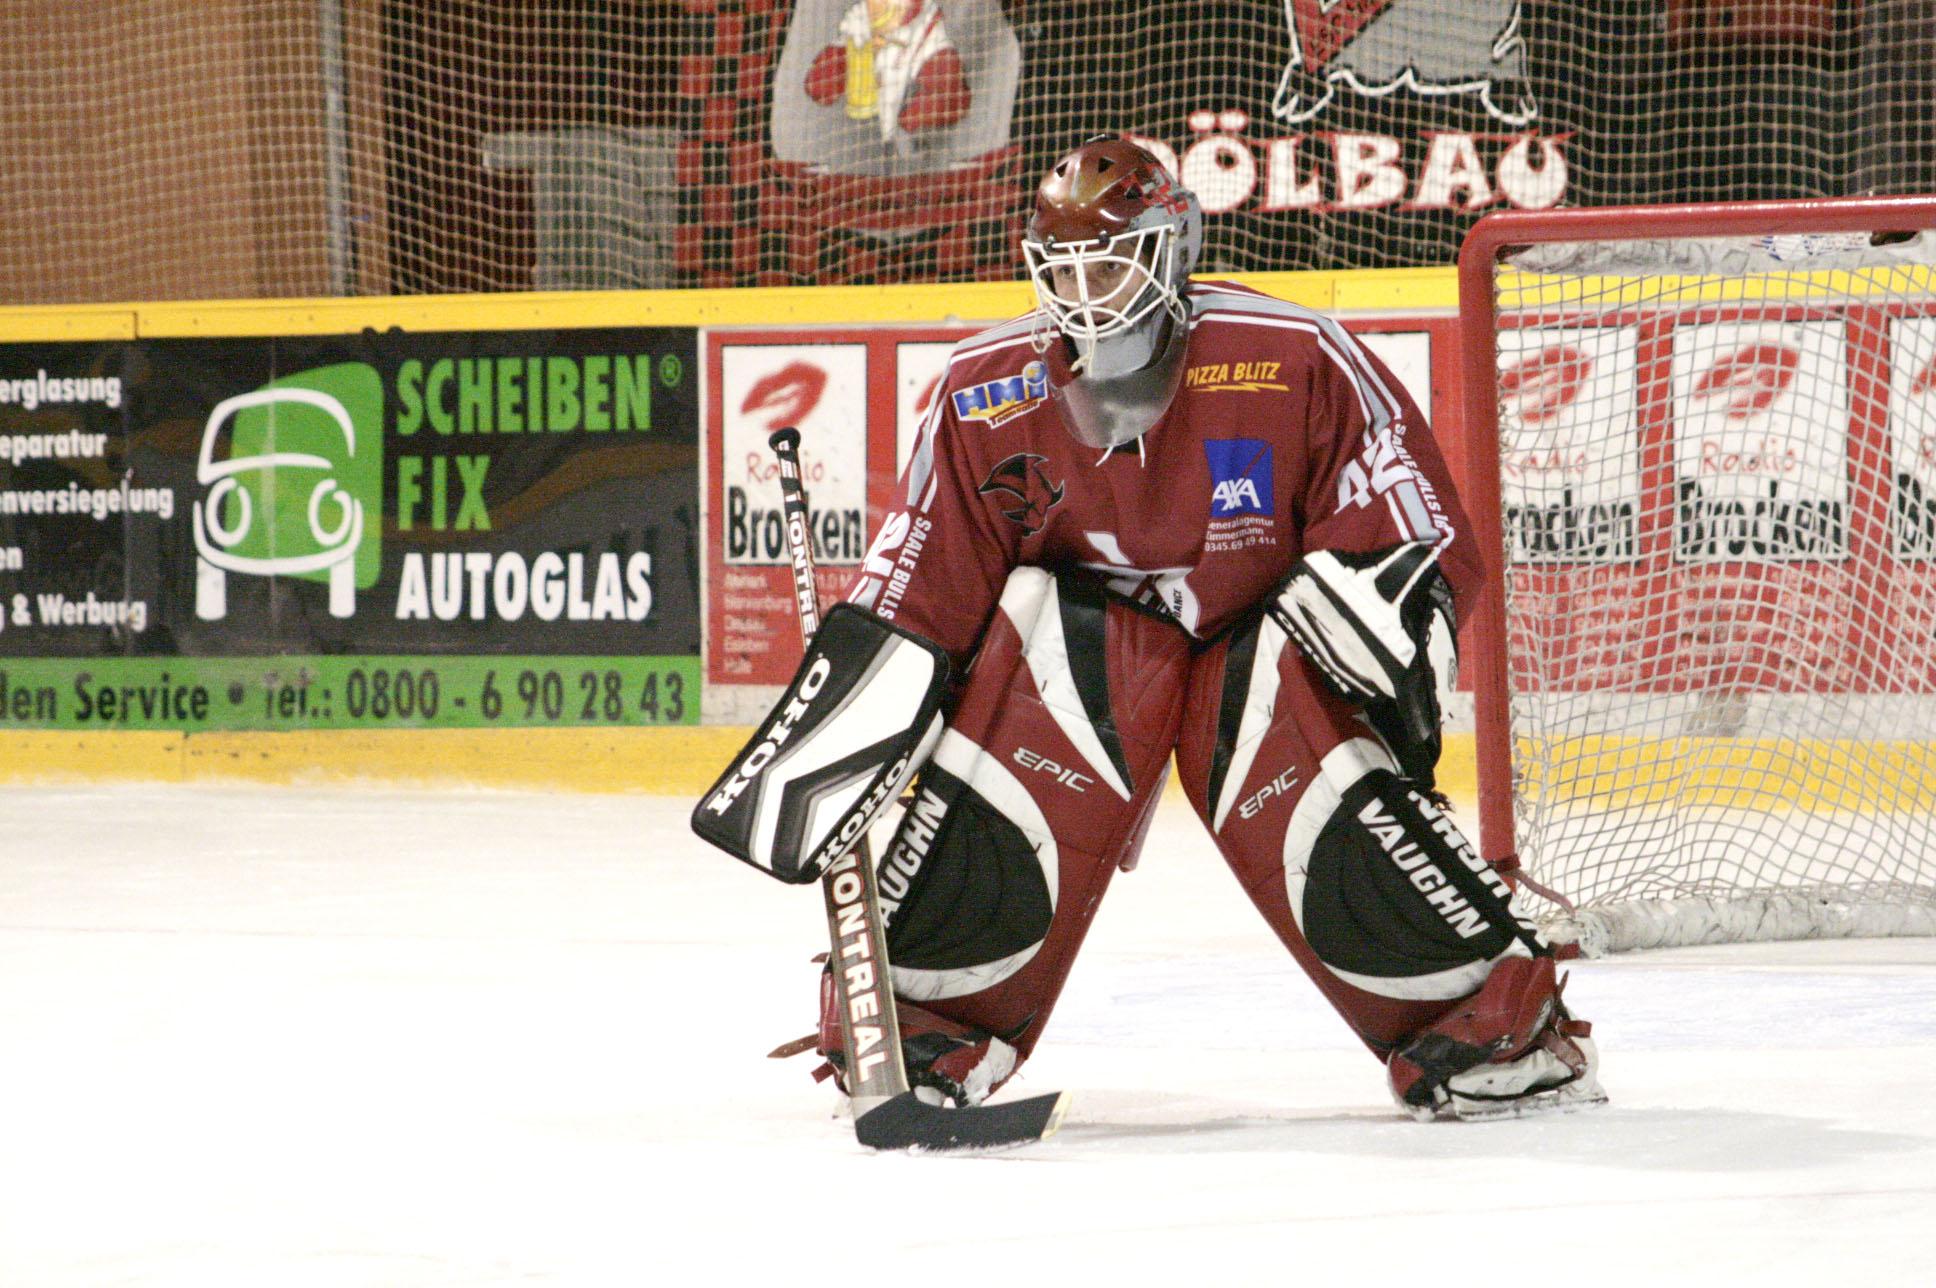 ESV Halle Eishockey - Torwart; Copyright: Maigrün | Uwe Köhn; Rechte: Creative-common - Namensnennung http://www.maigruen.com